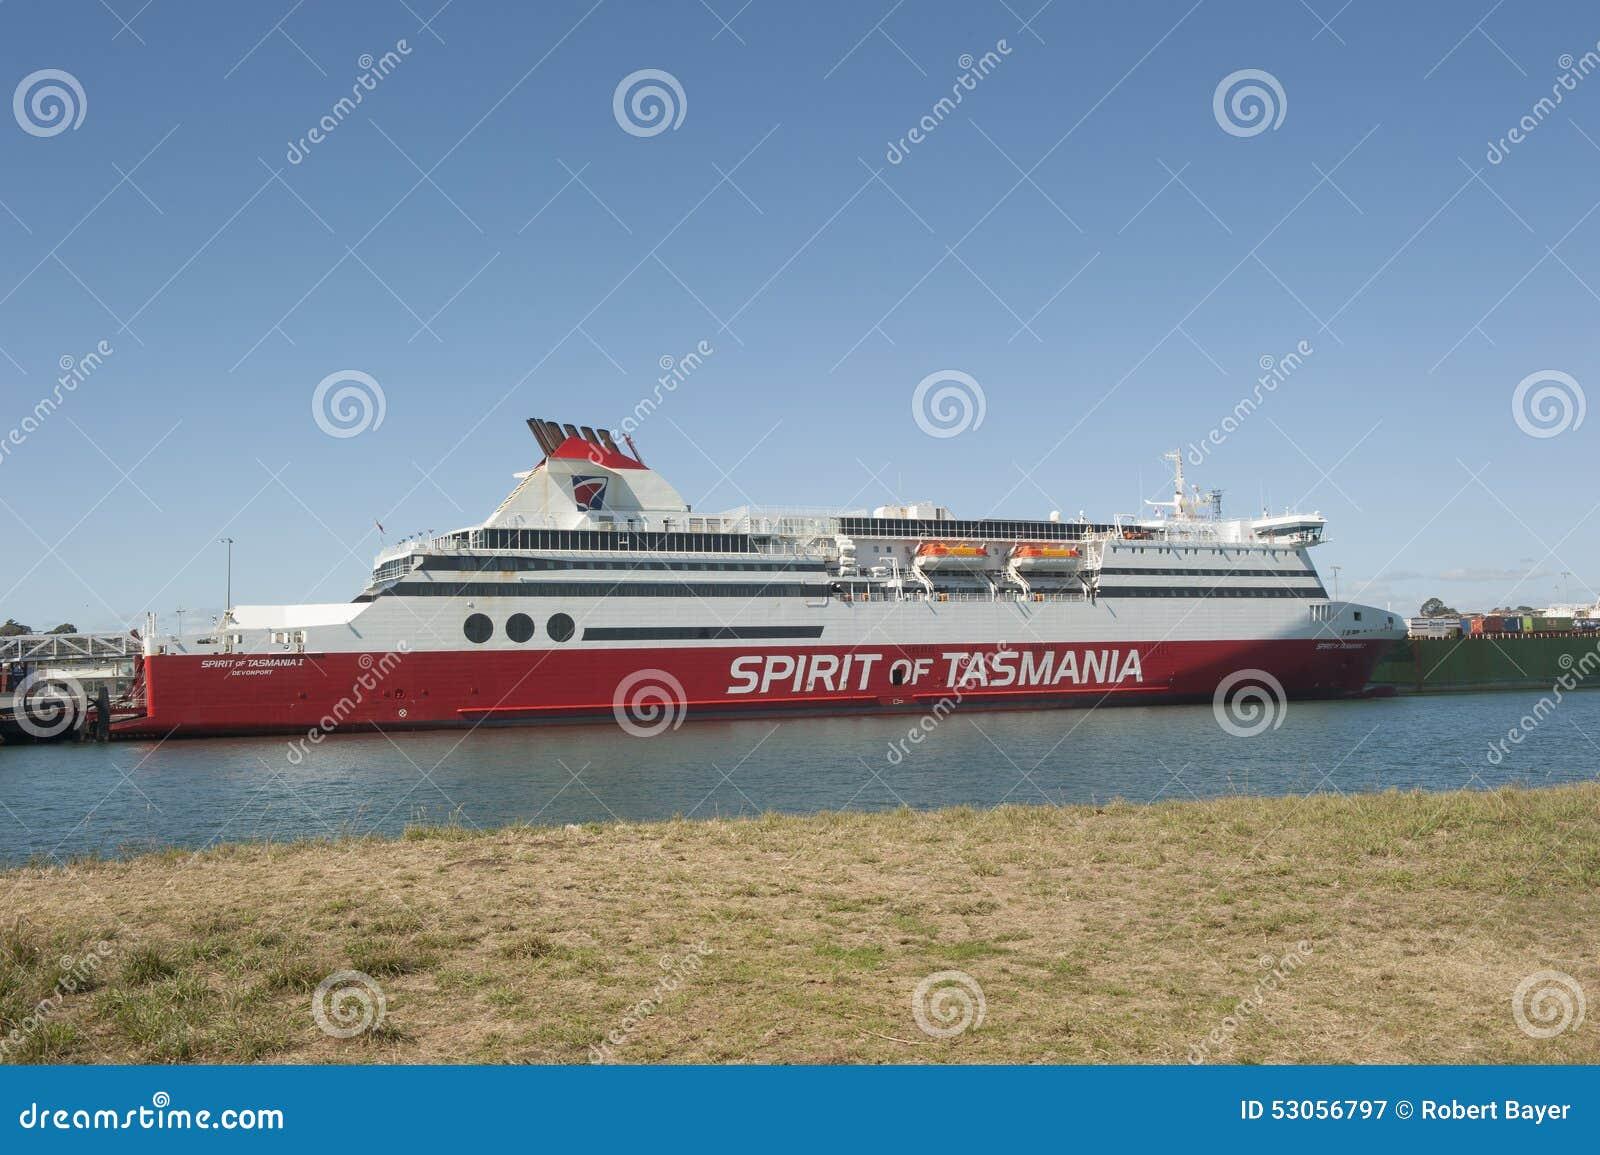 Tasmania Car Ferry Prices